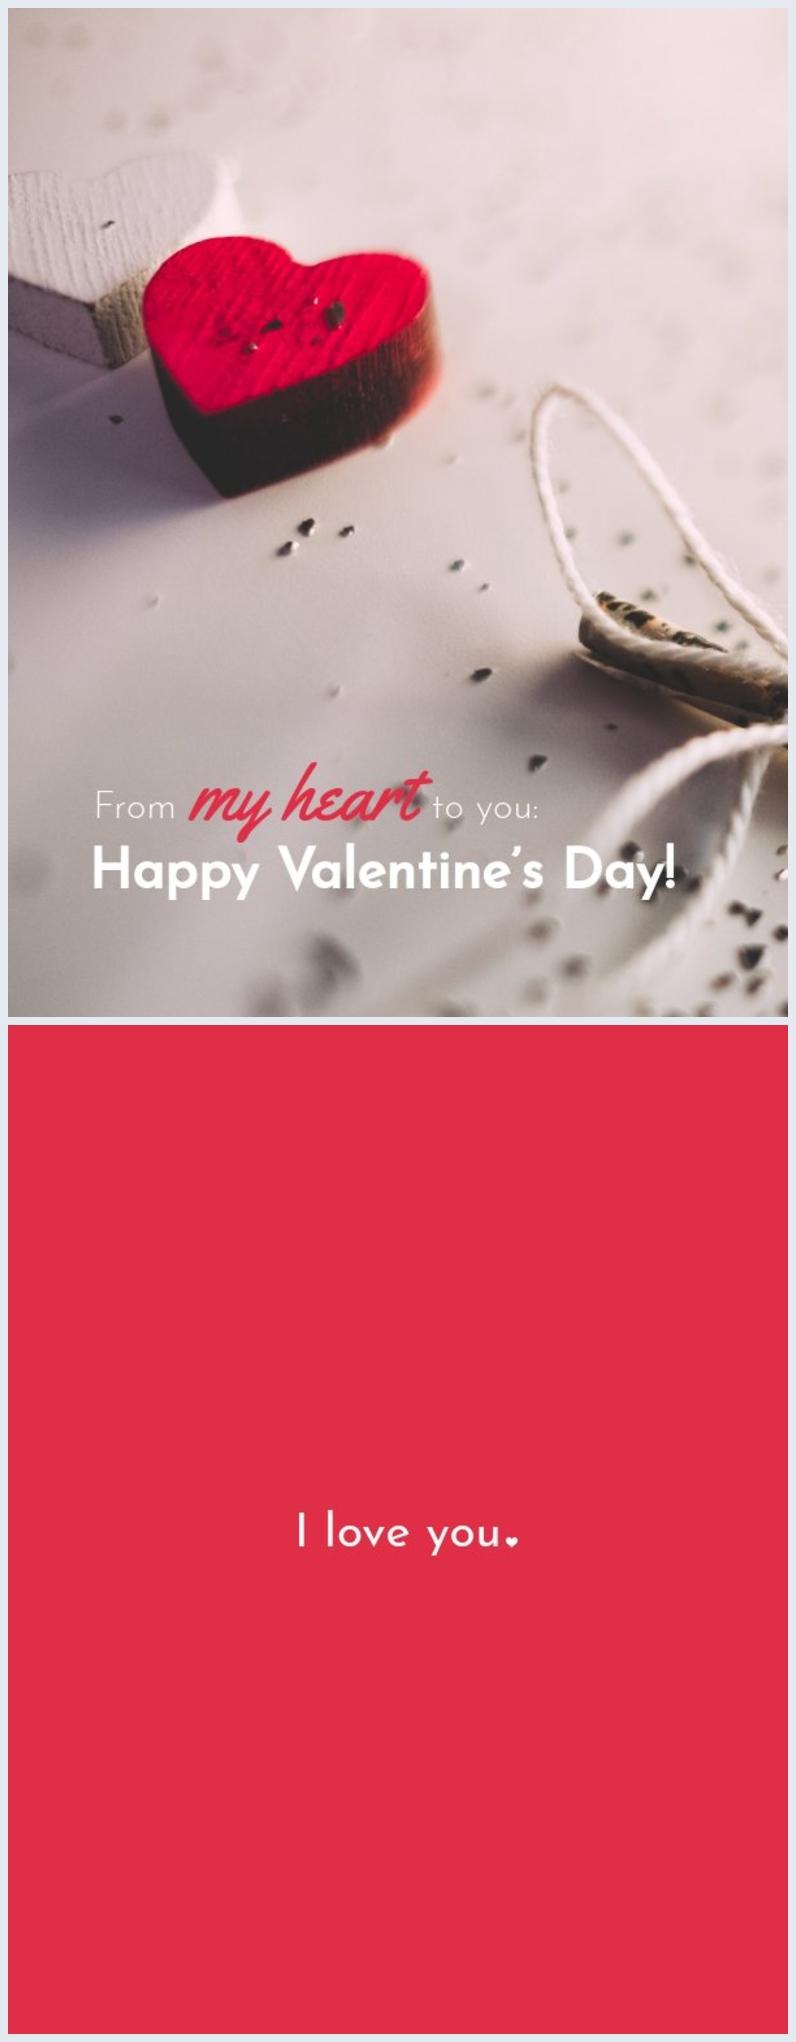 Plantilla para tarjeta de Día de San Valentín